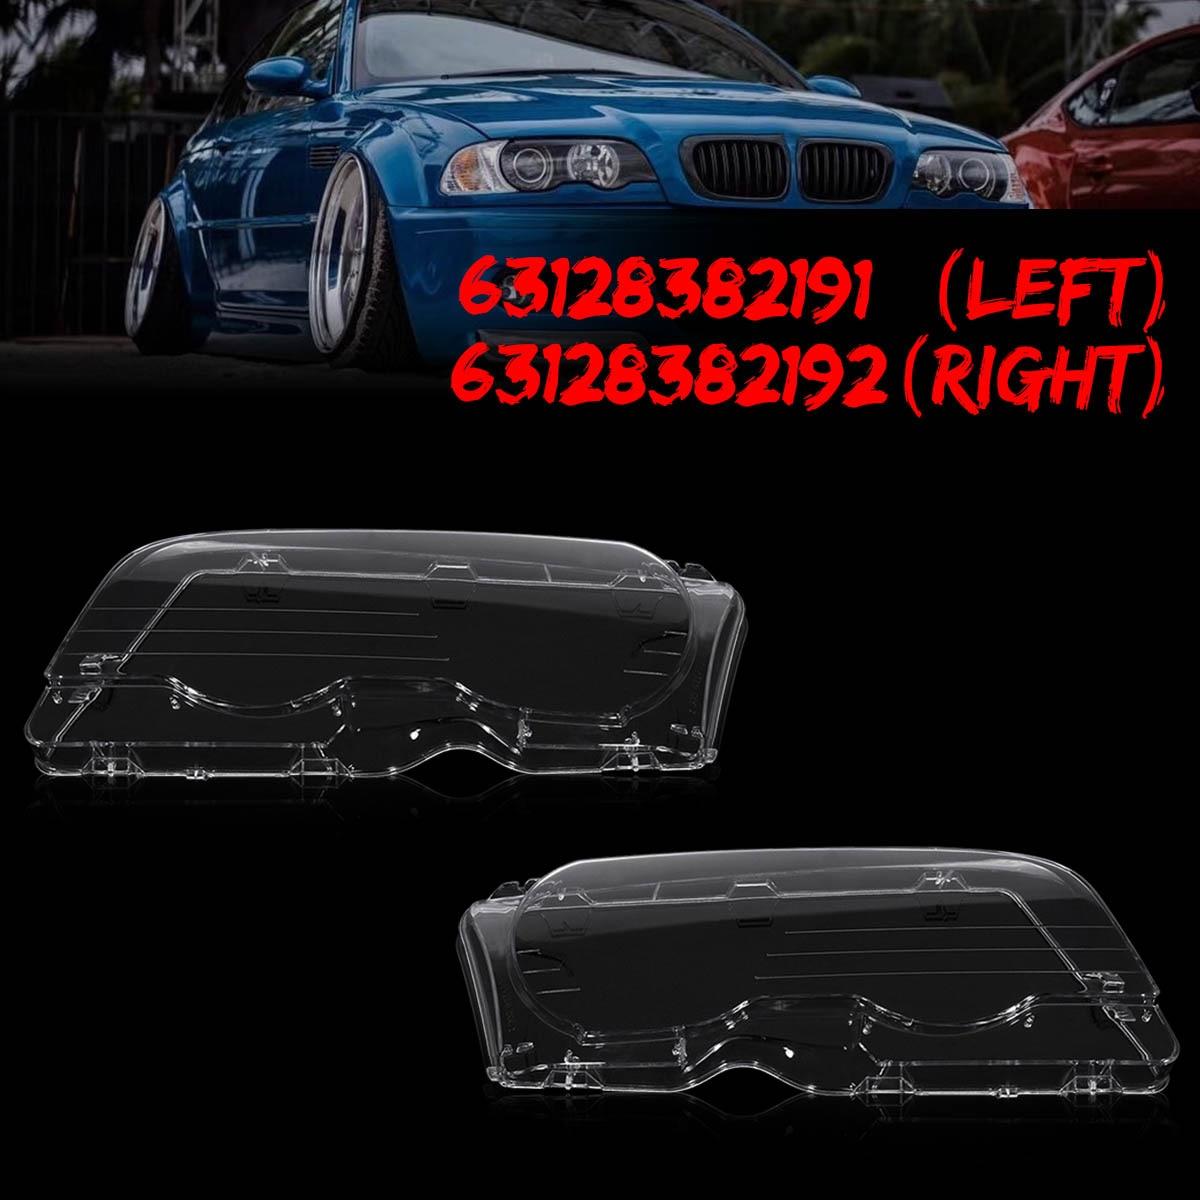 1 par Farol Do Carro Farol de Lente Clara Tampa Transparente E46 2DR 1999-2003 M3 Coupe Convertible Para BMW 2001 -2006